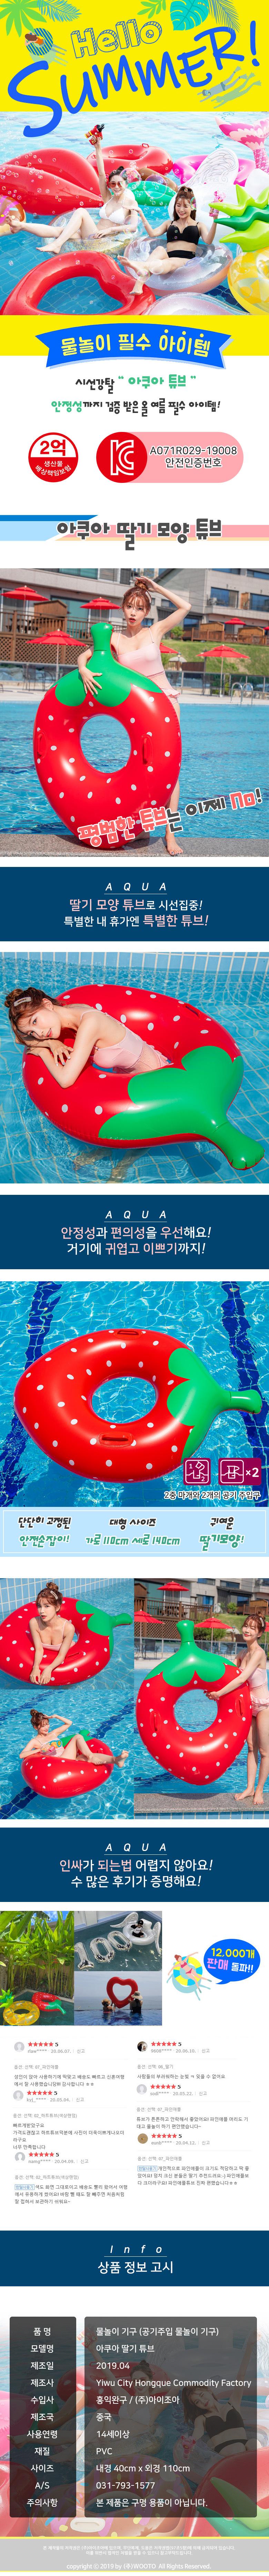 아쿠아 딸기 원형튜브 - 우토, 13,900원, 튜브/구명조끼, 튜브